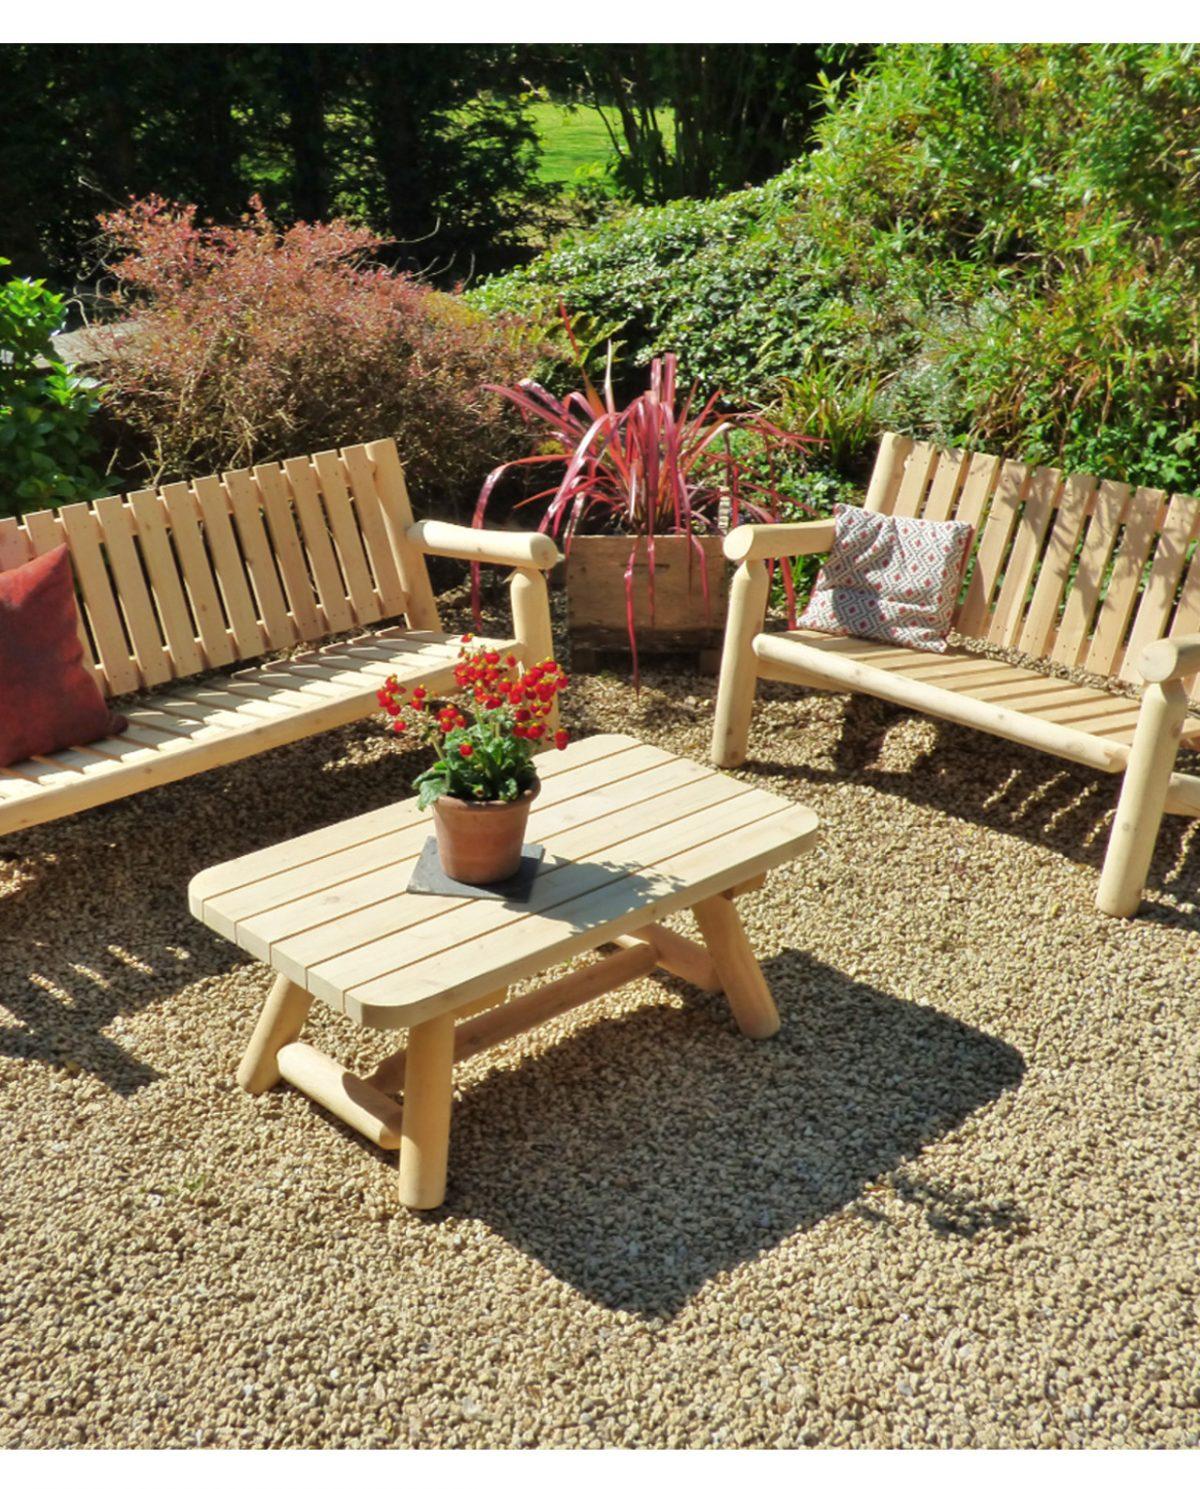 Salons de jardin en bois - Que choisir ? - Cèdre & Rondins